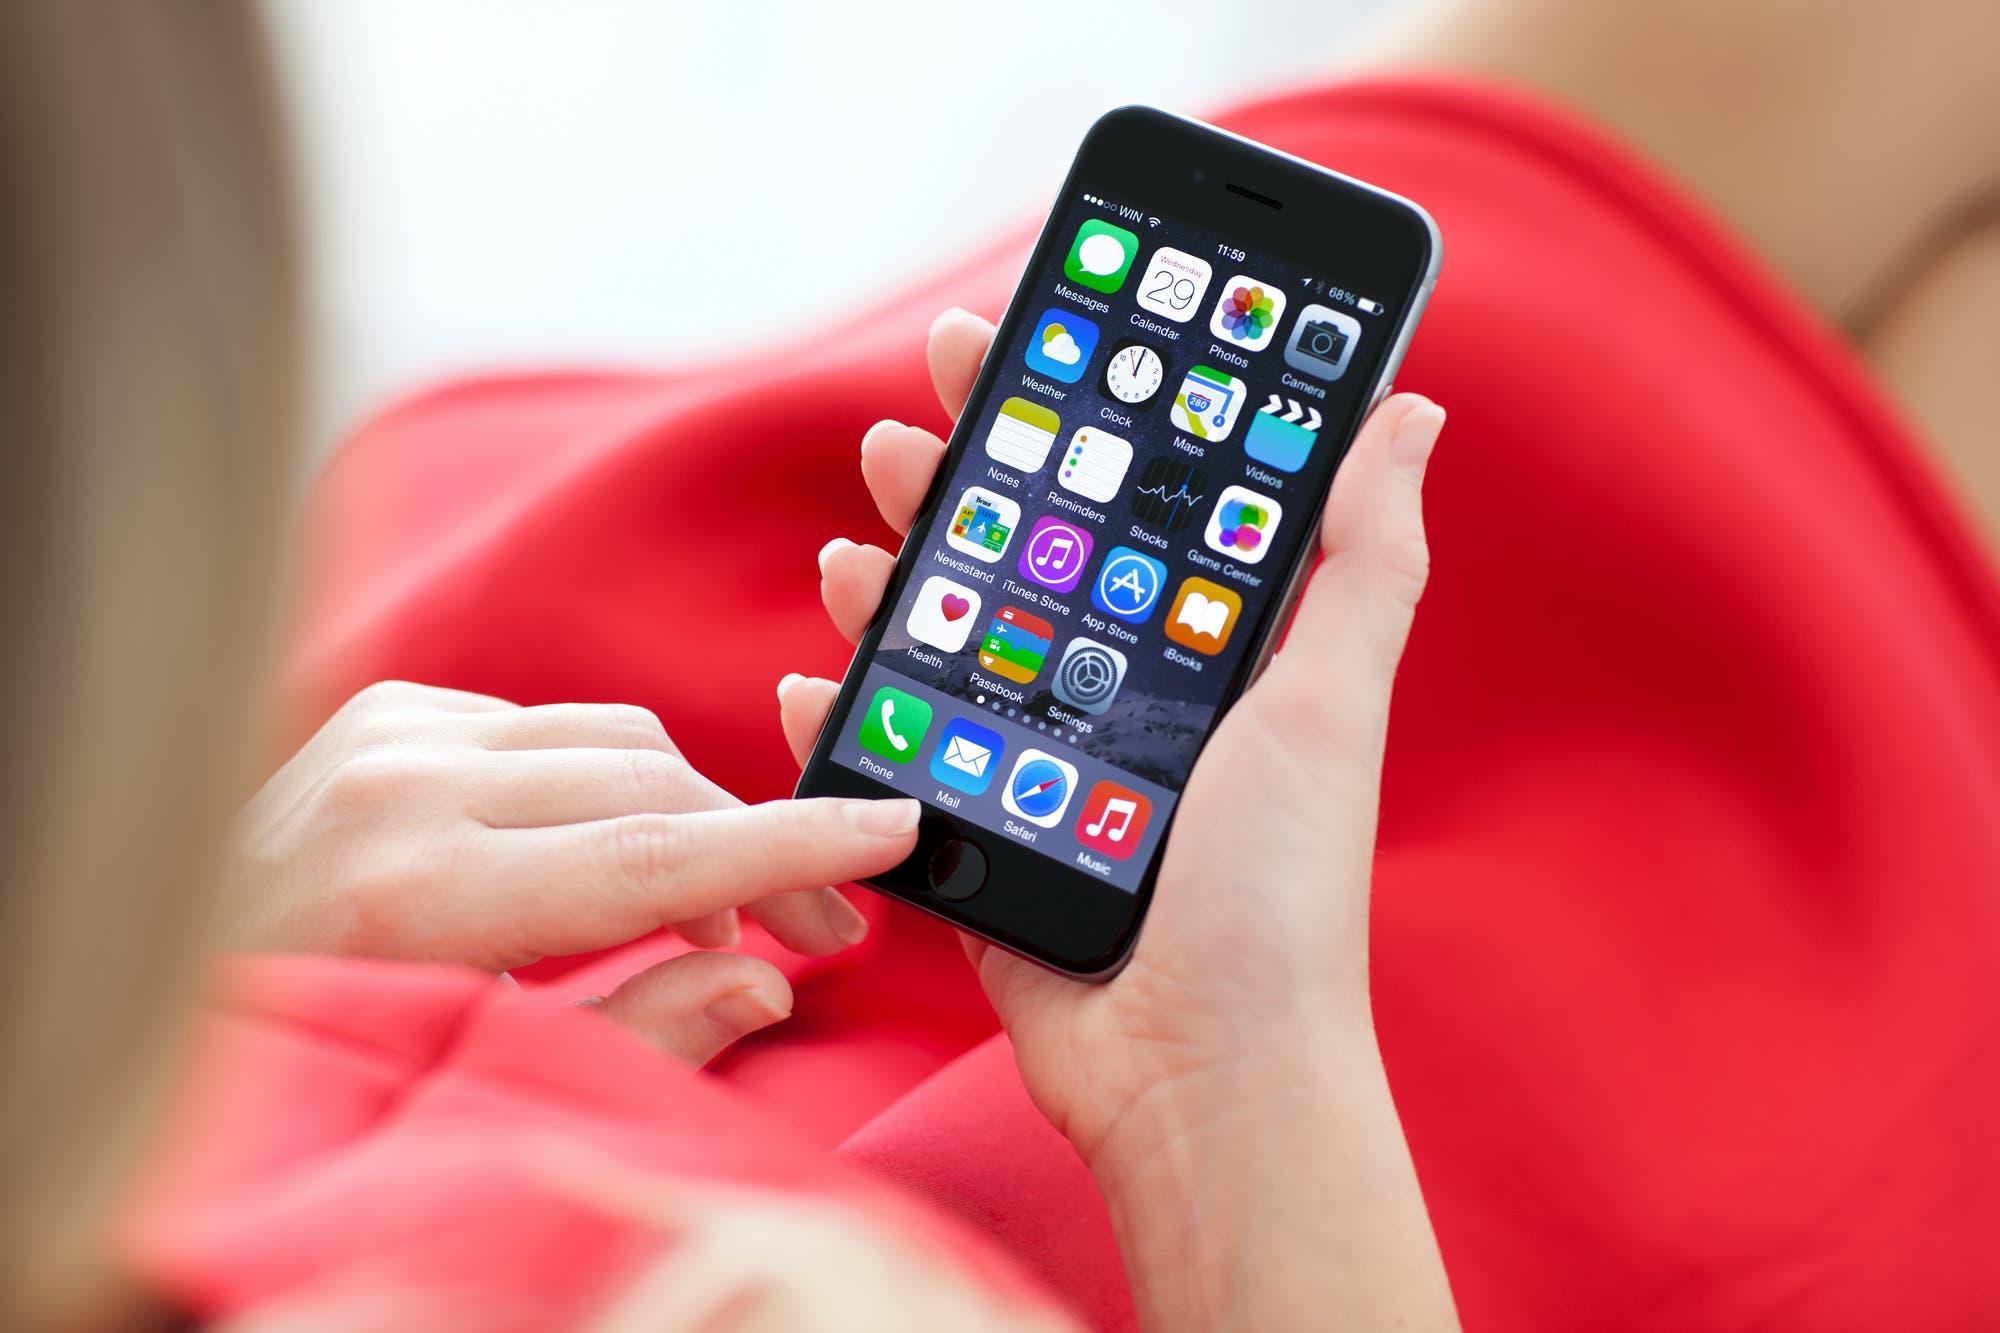 iOS 14: cuáles son las nuevas funciones que tendrá la actualización del sistema operativo del iPhone de Apple